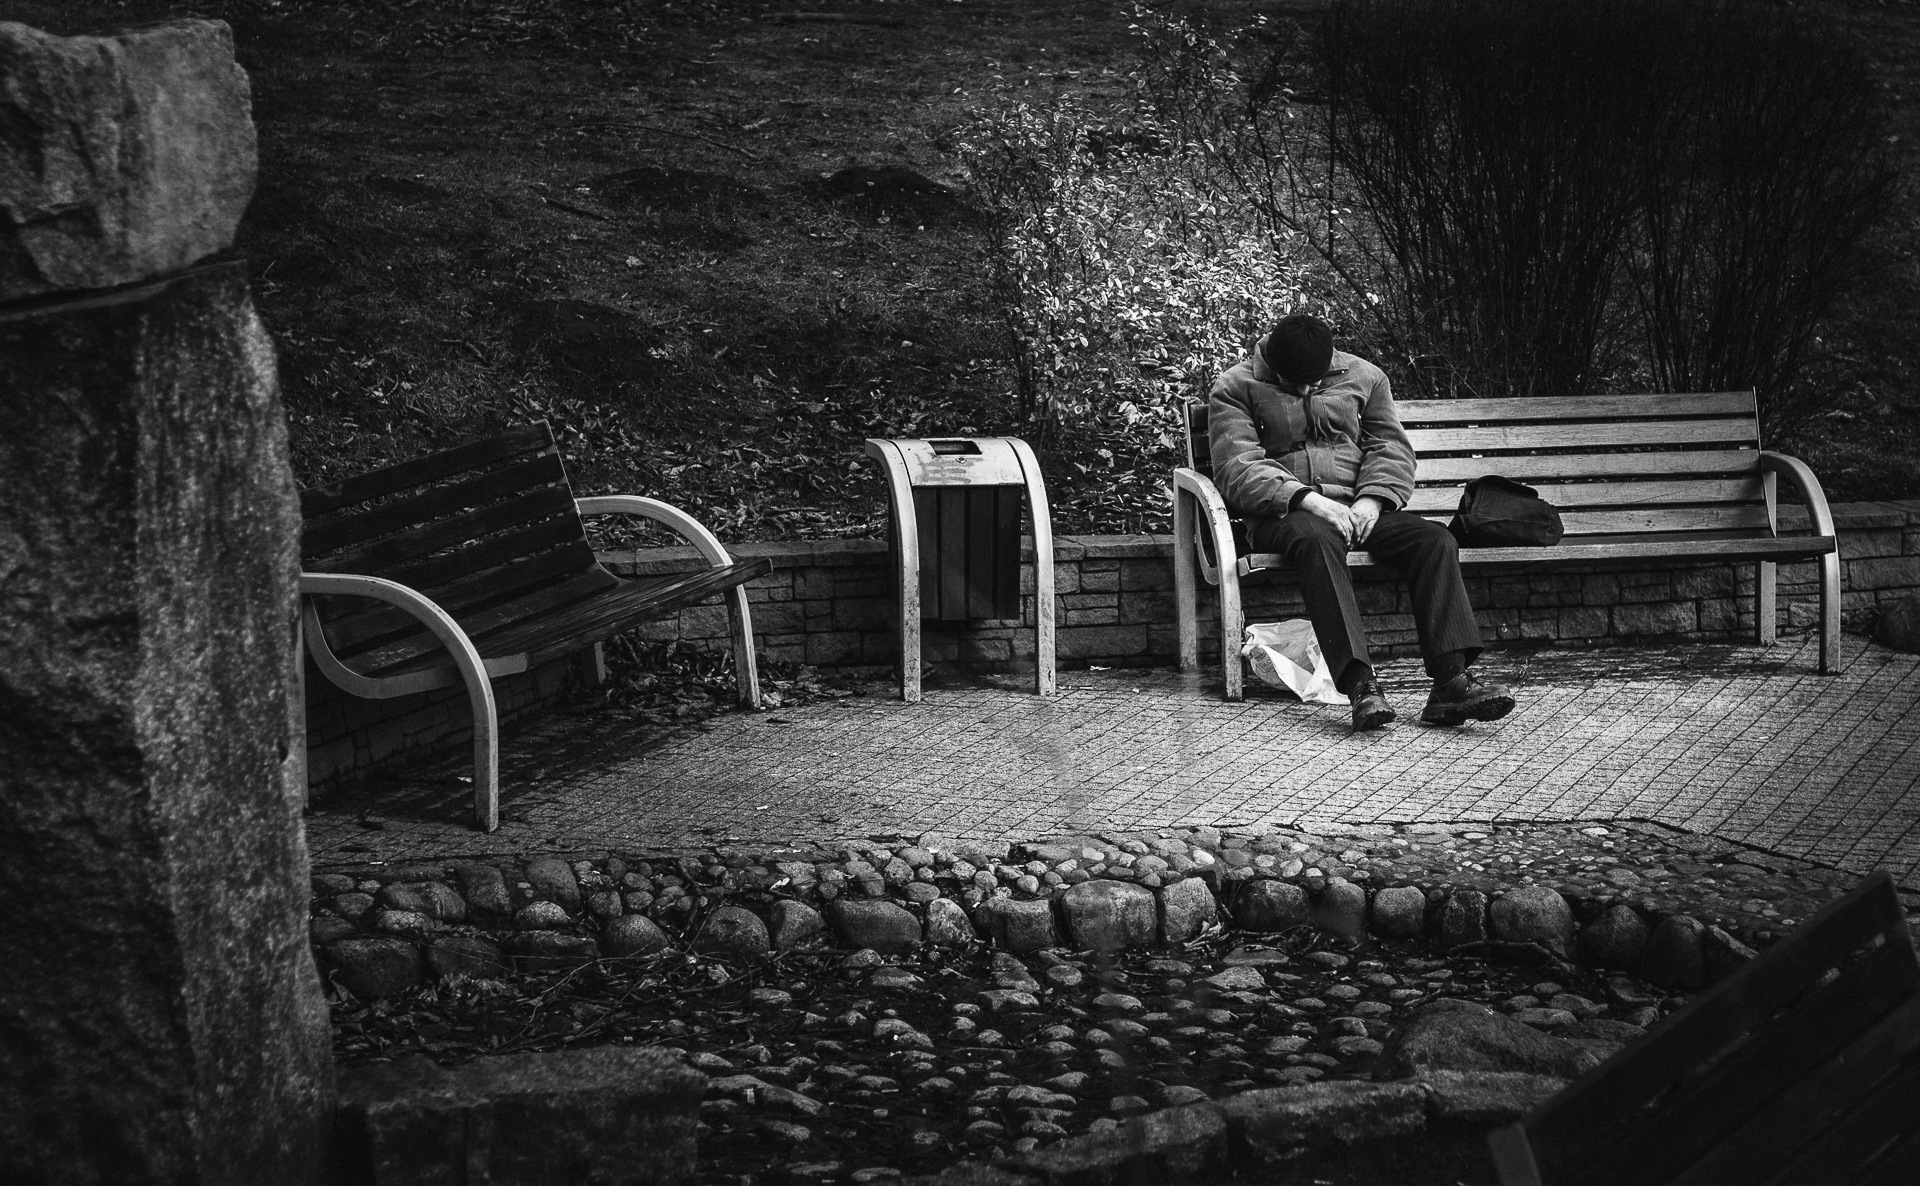 lonely by Przemysław Kurdunowicz